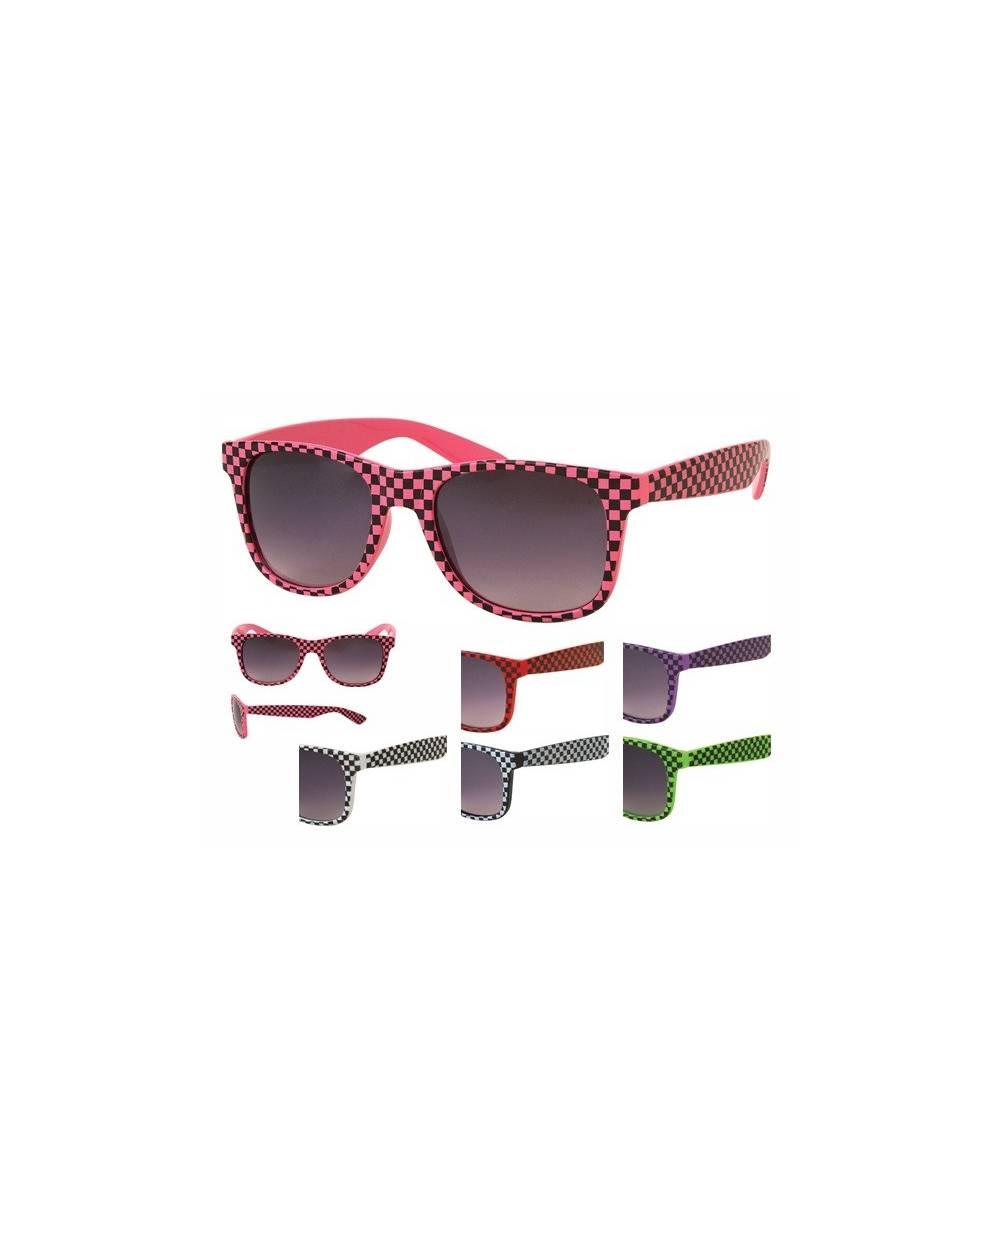 lunettes de soleil type wayfarer. Black Bedroom Furniture Sets. Home Design Ideas